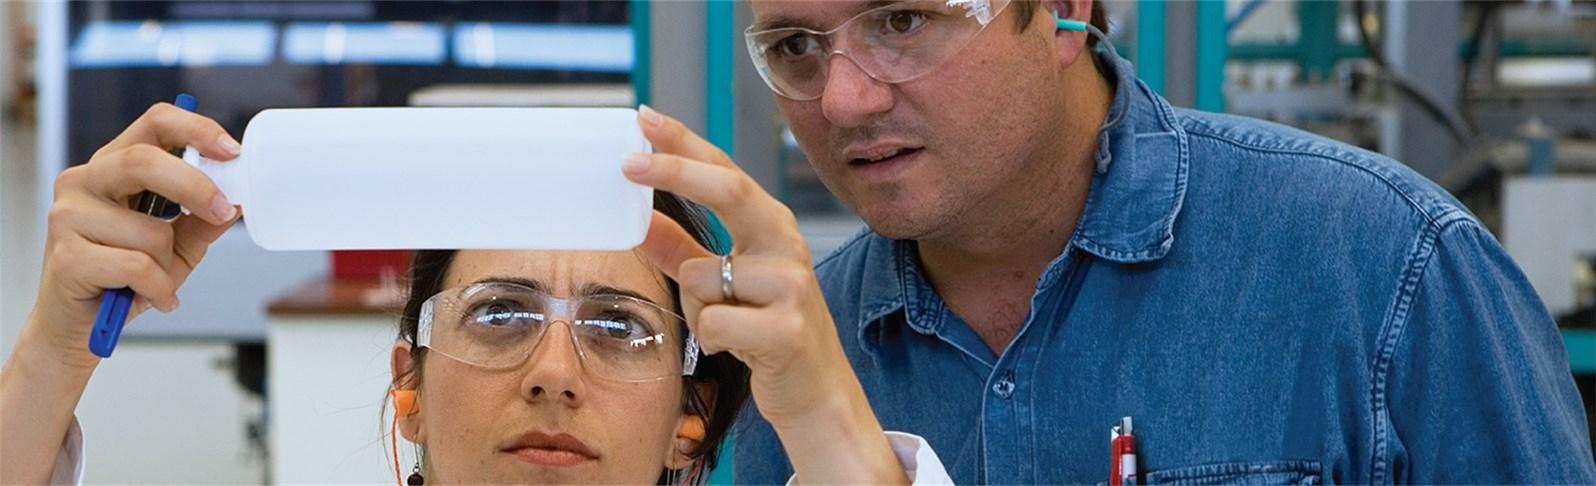 Braskem Idesa suministra materia prima de calidad a la industria procesadora del plástico.